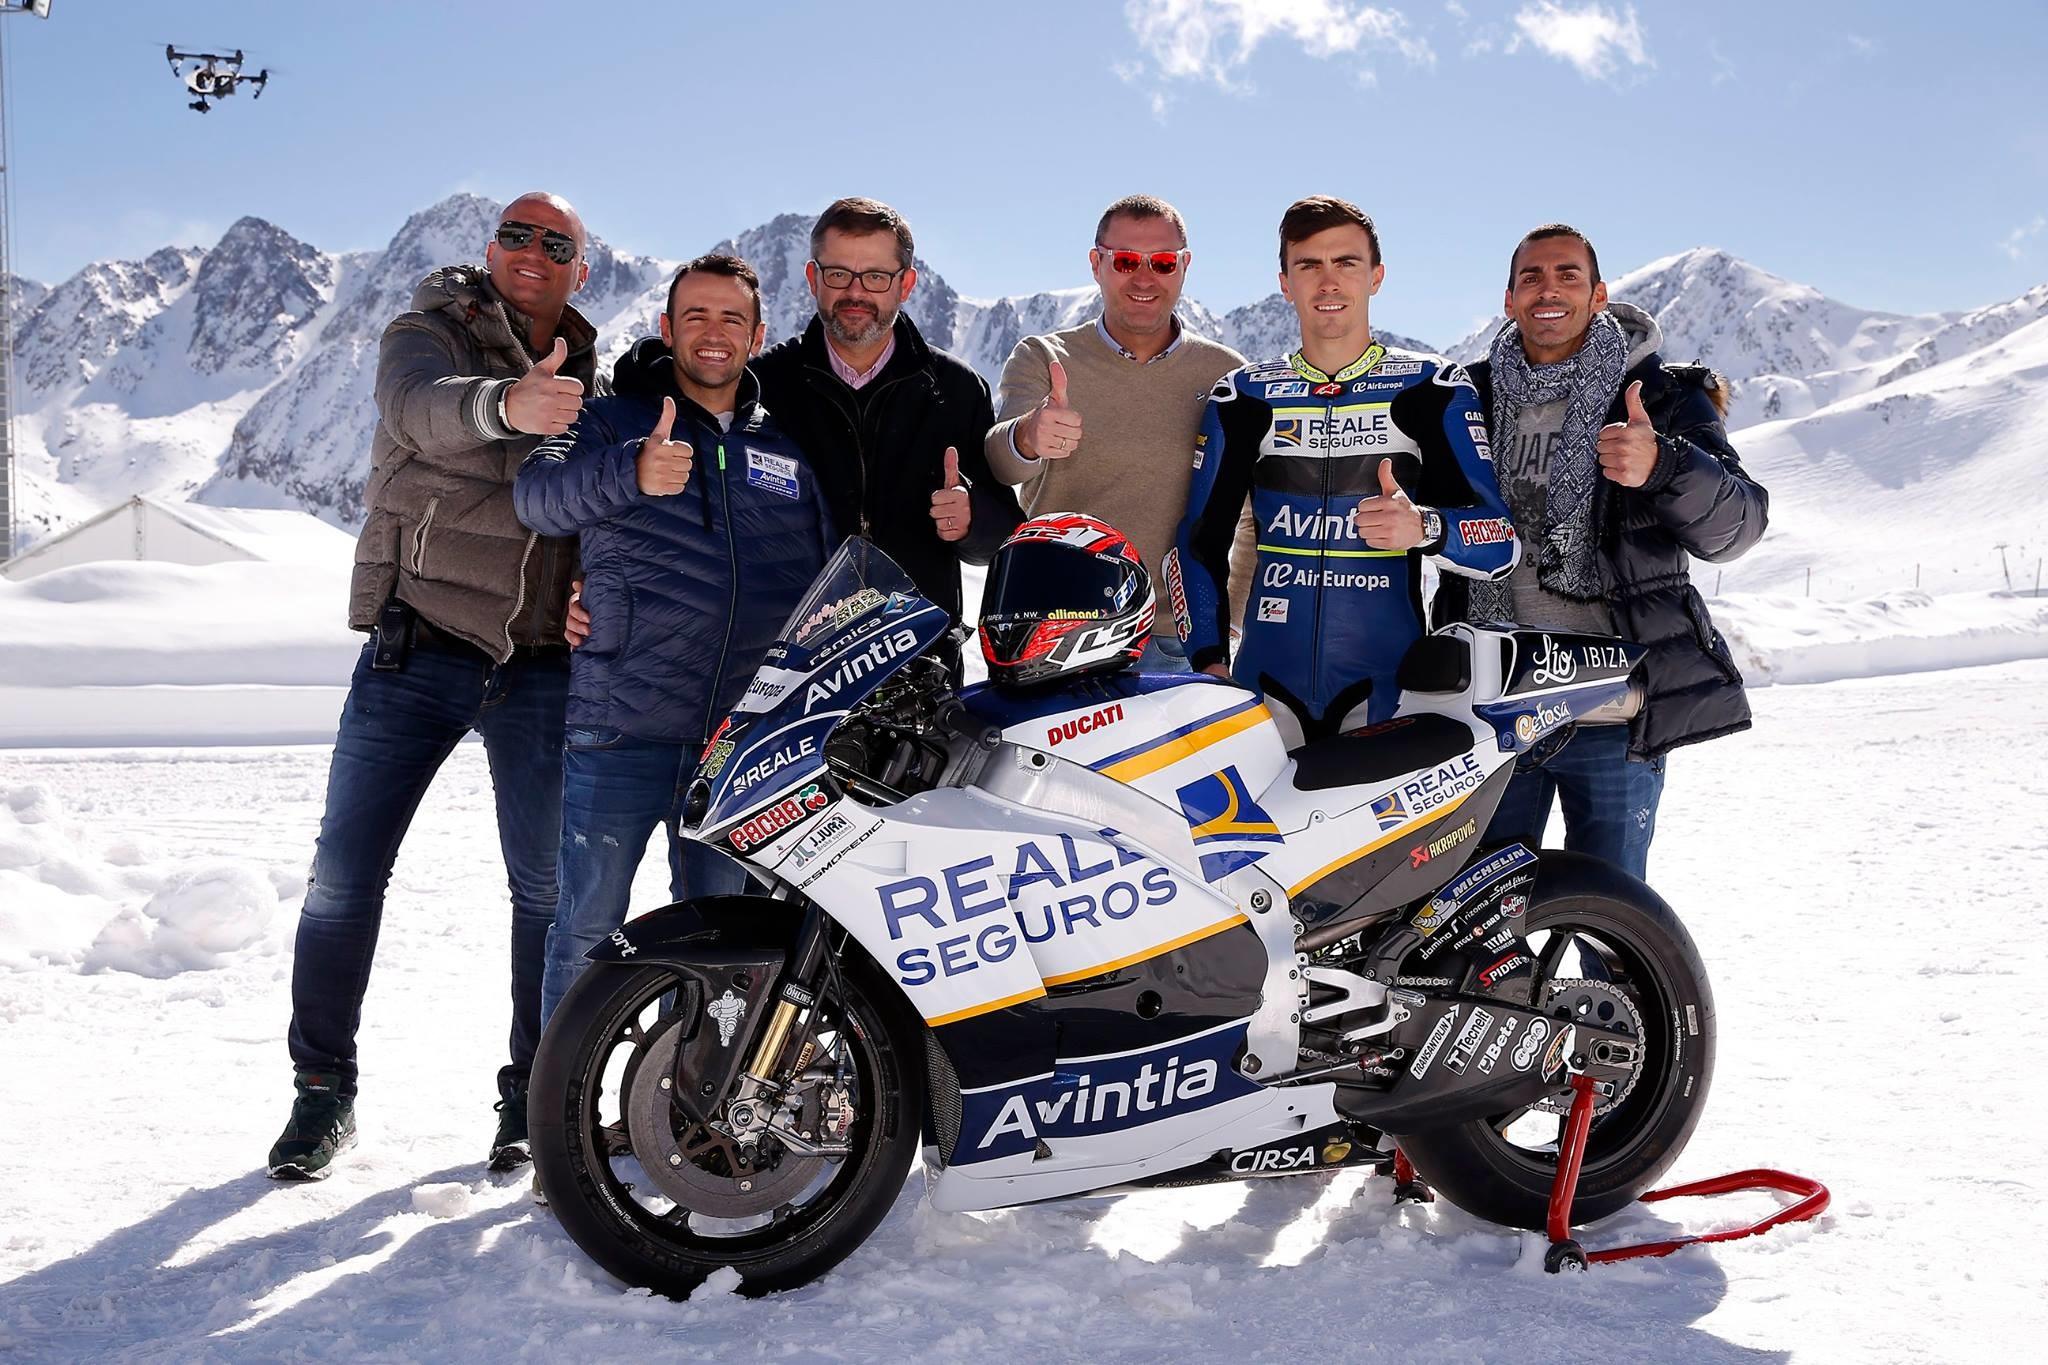 Presentación Reale Avintia Racing MotoGP 2017